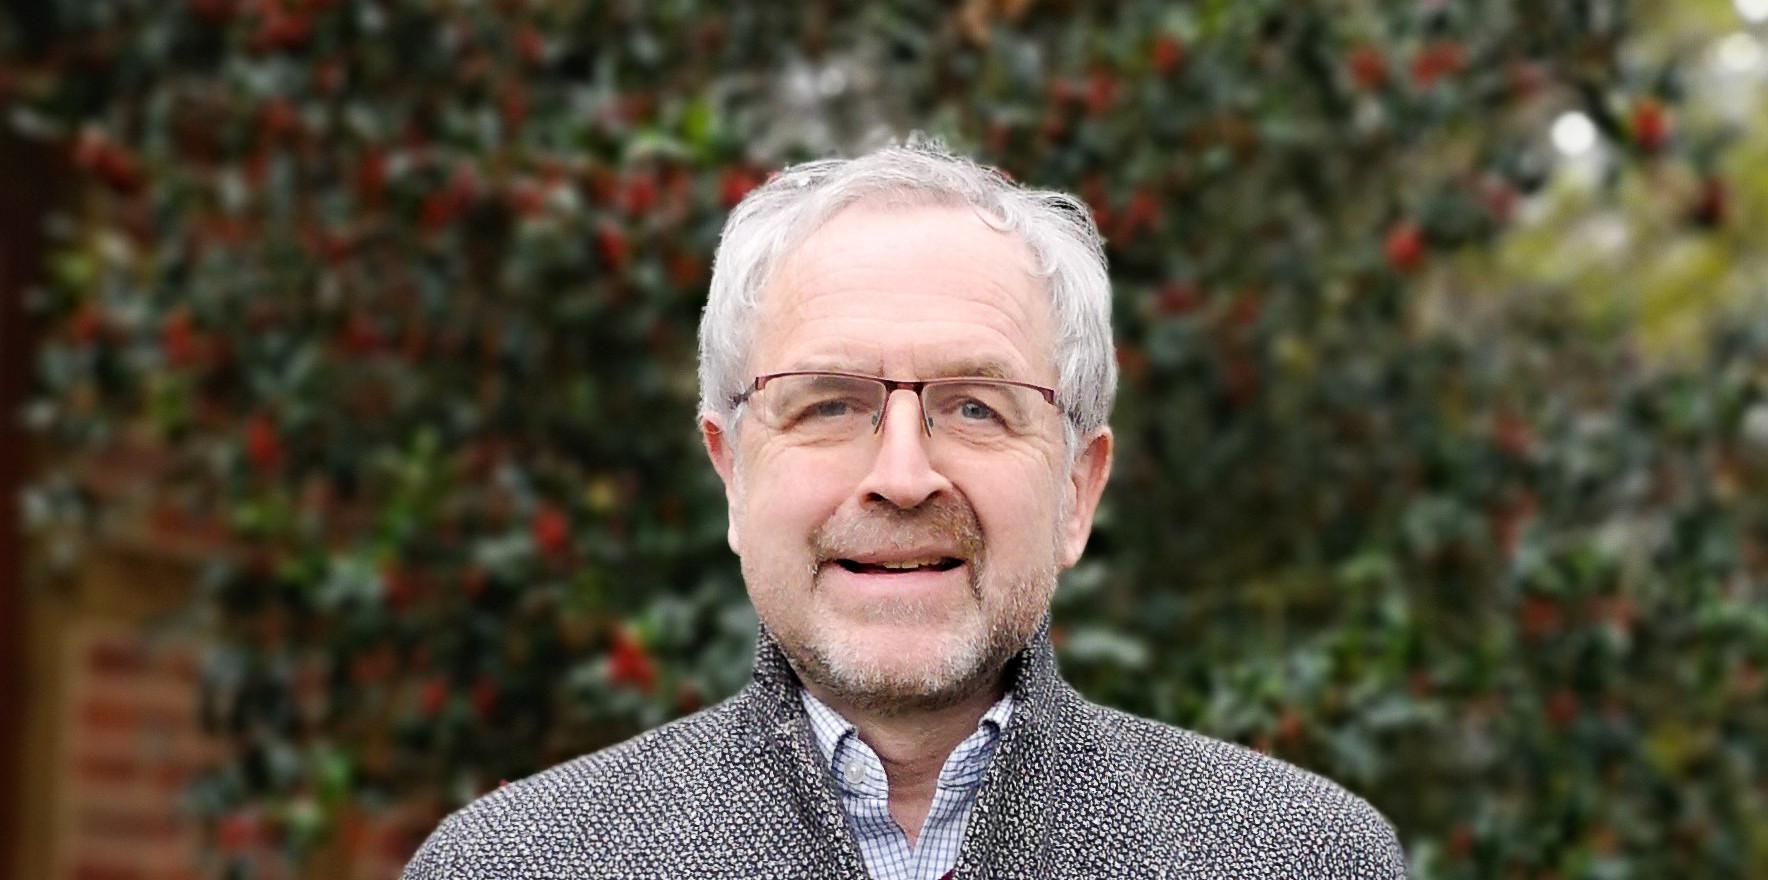 Prof. Reinhard Loske, Präsident der Cusanus Hochschule für Gesellschaftsgestaltung, Bernkastel-Kues